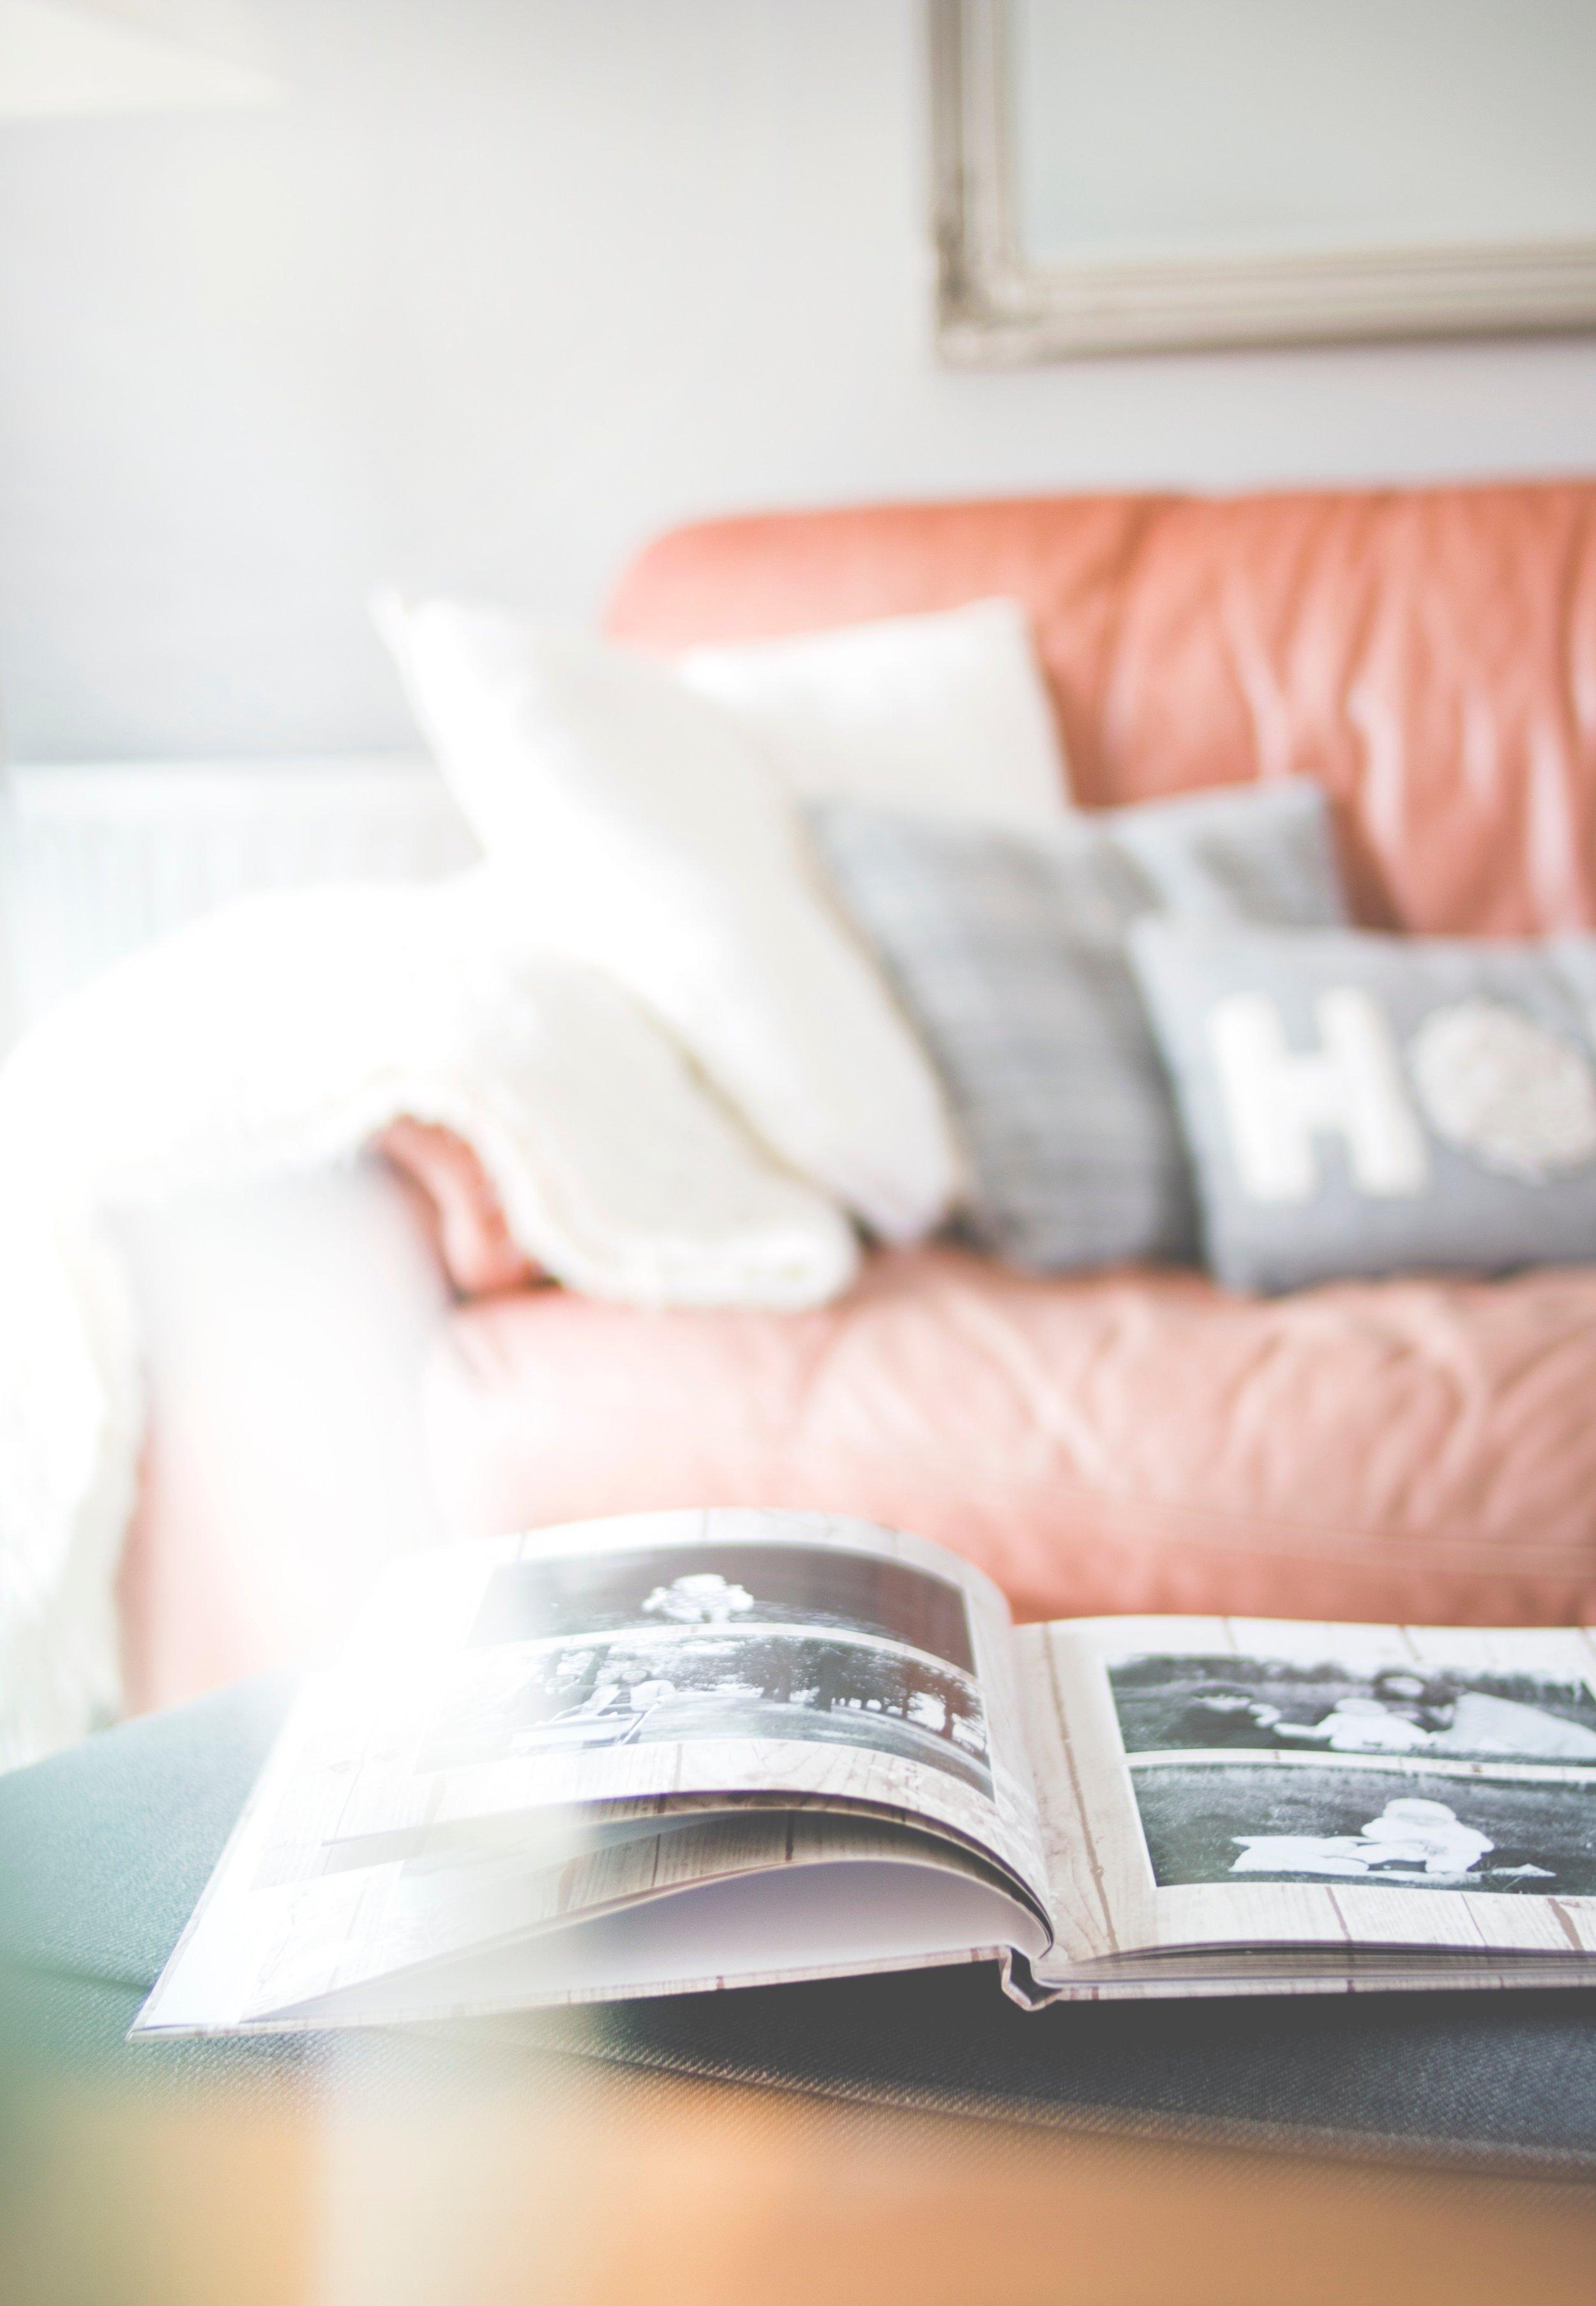 album-blur-close-up-895226.jpg